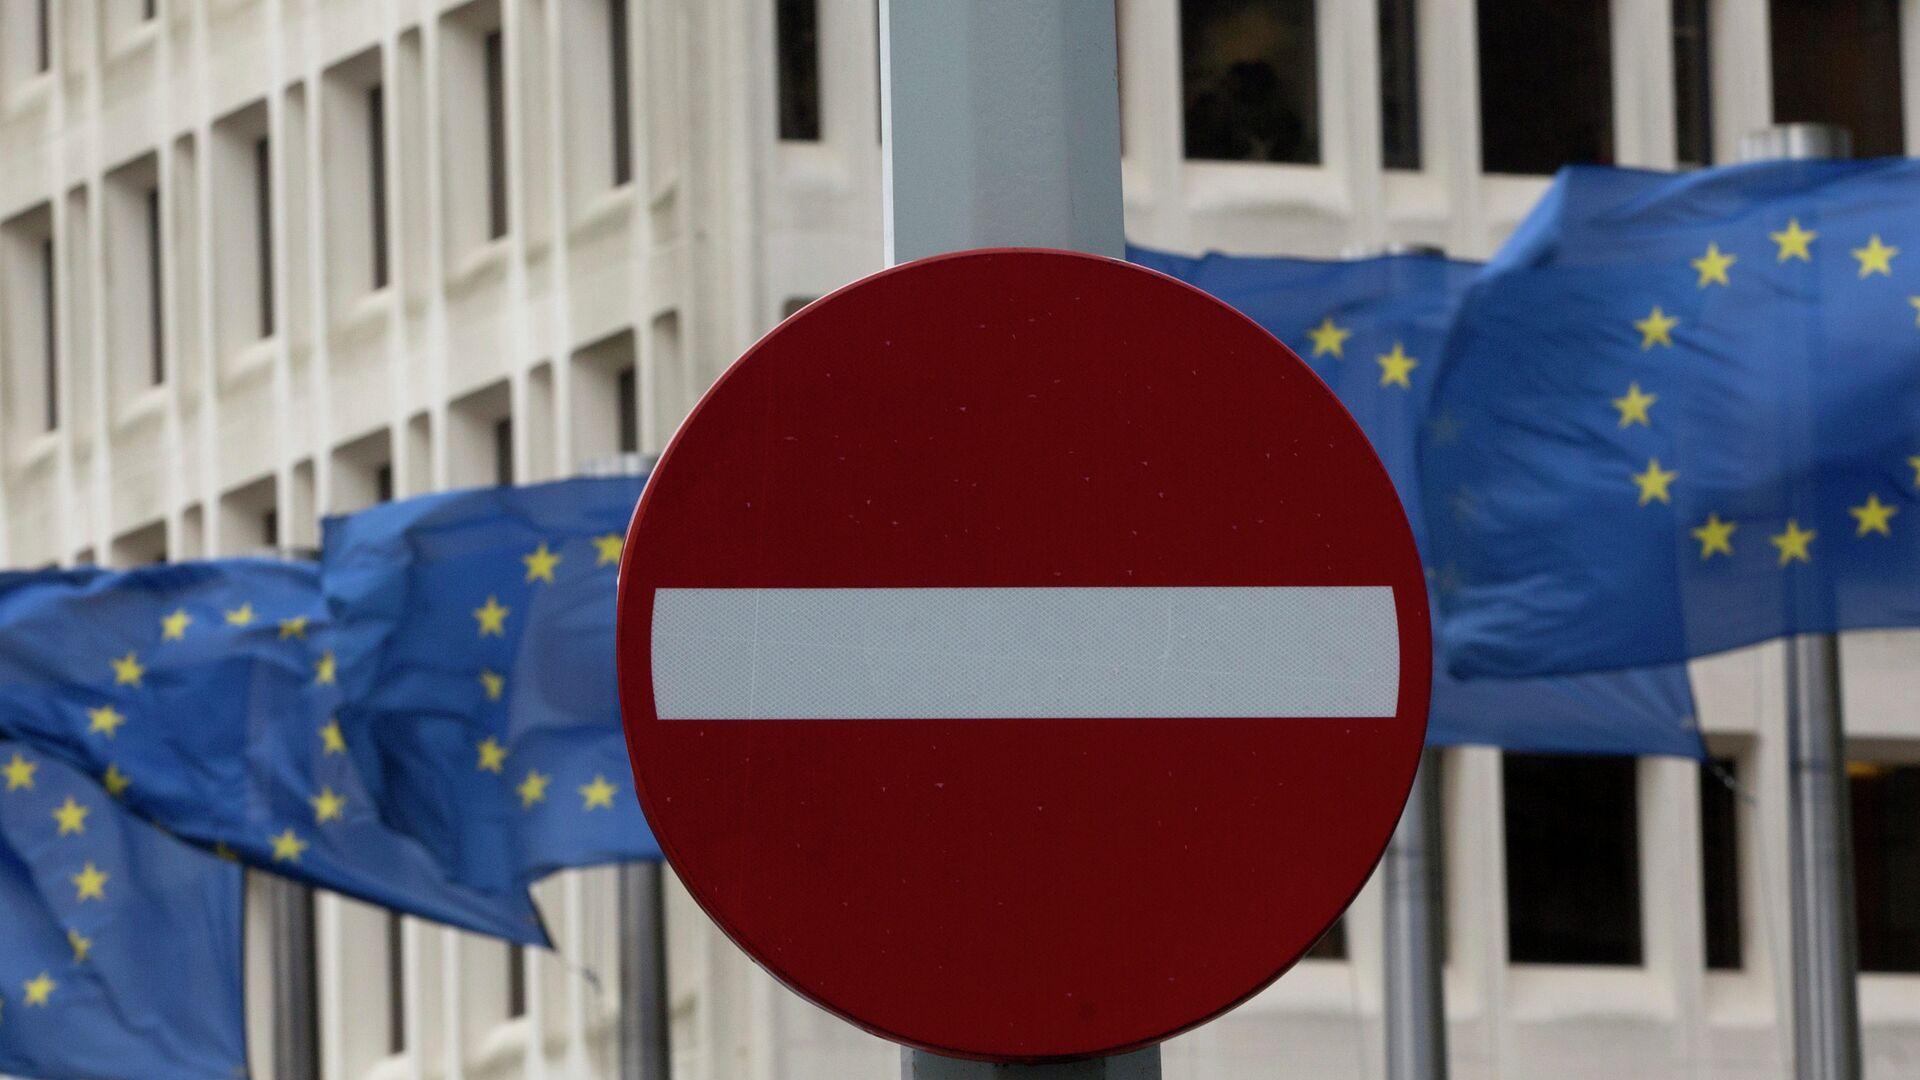 Bandera de la UE y señal de tráfico 'no hay entrada' - Sputnik Mundo, 1920, 15.03.2021